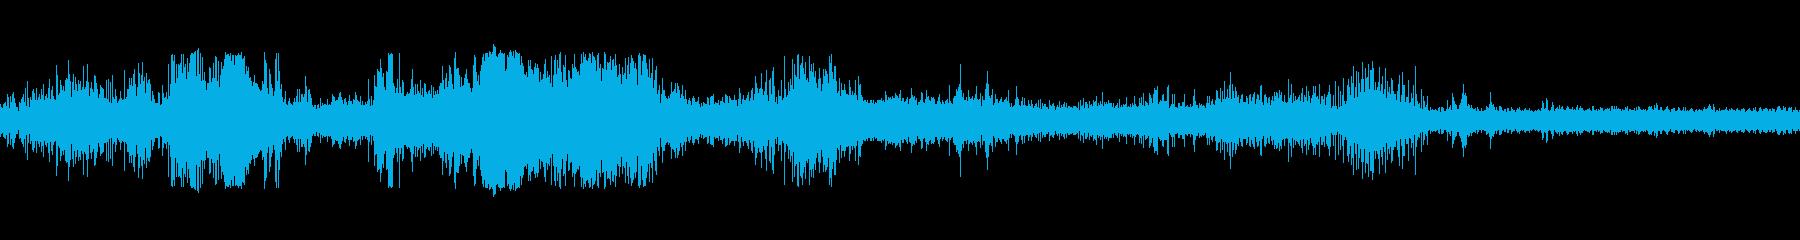 タンクトレッドパスの再生済みの波形